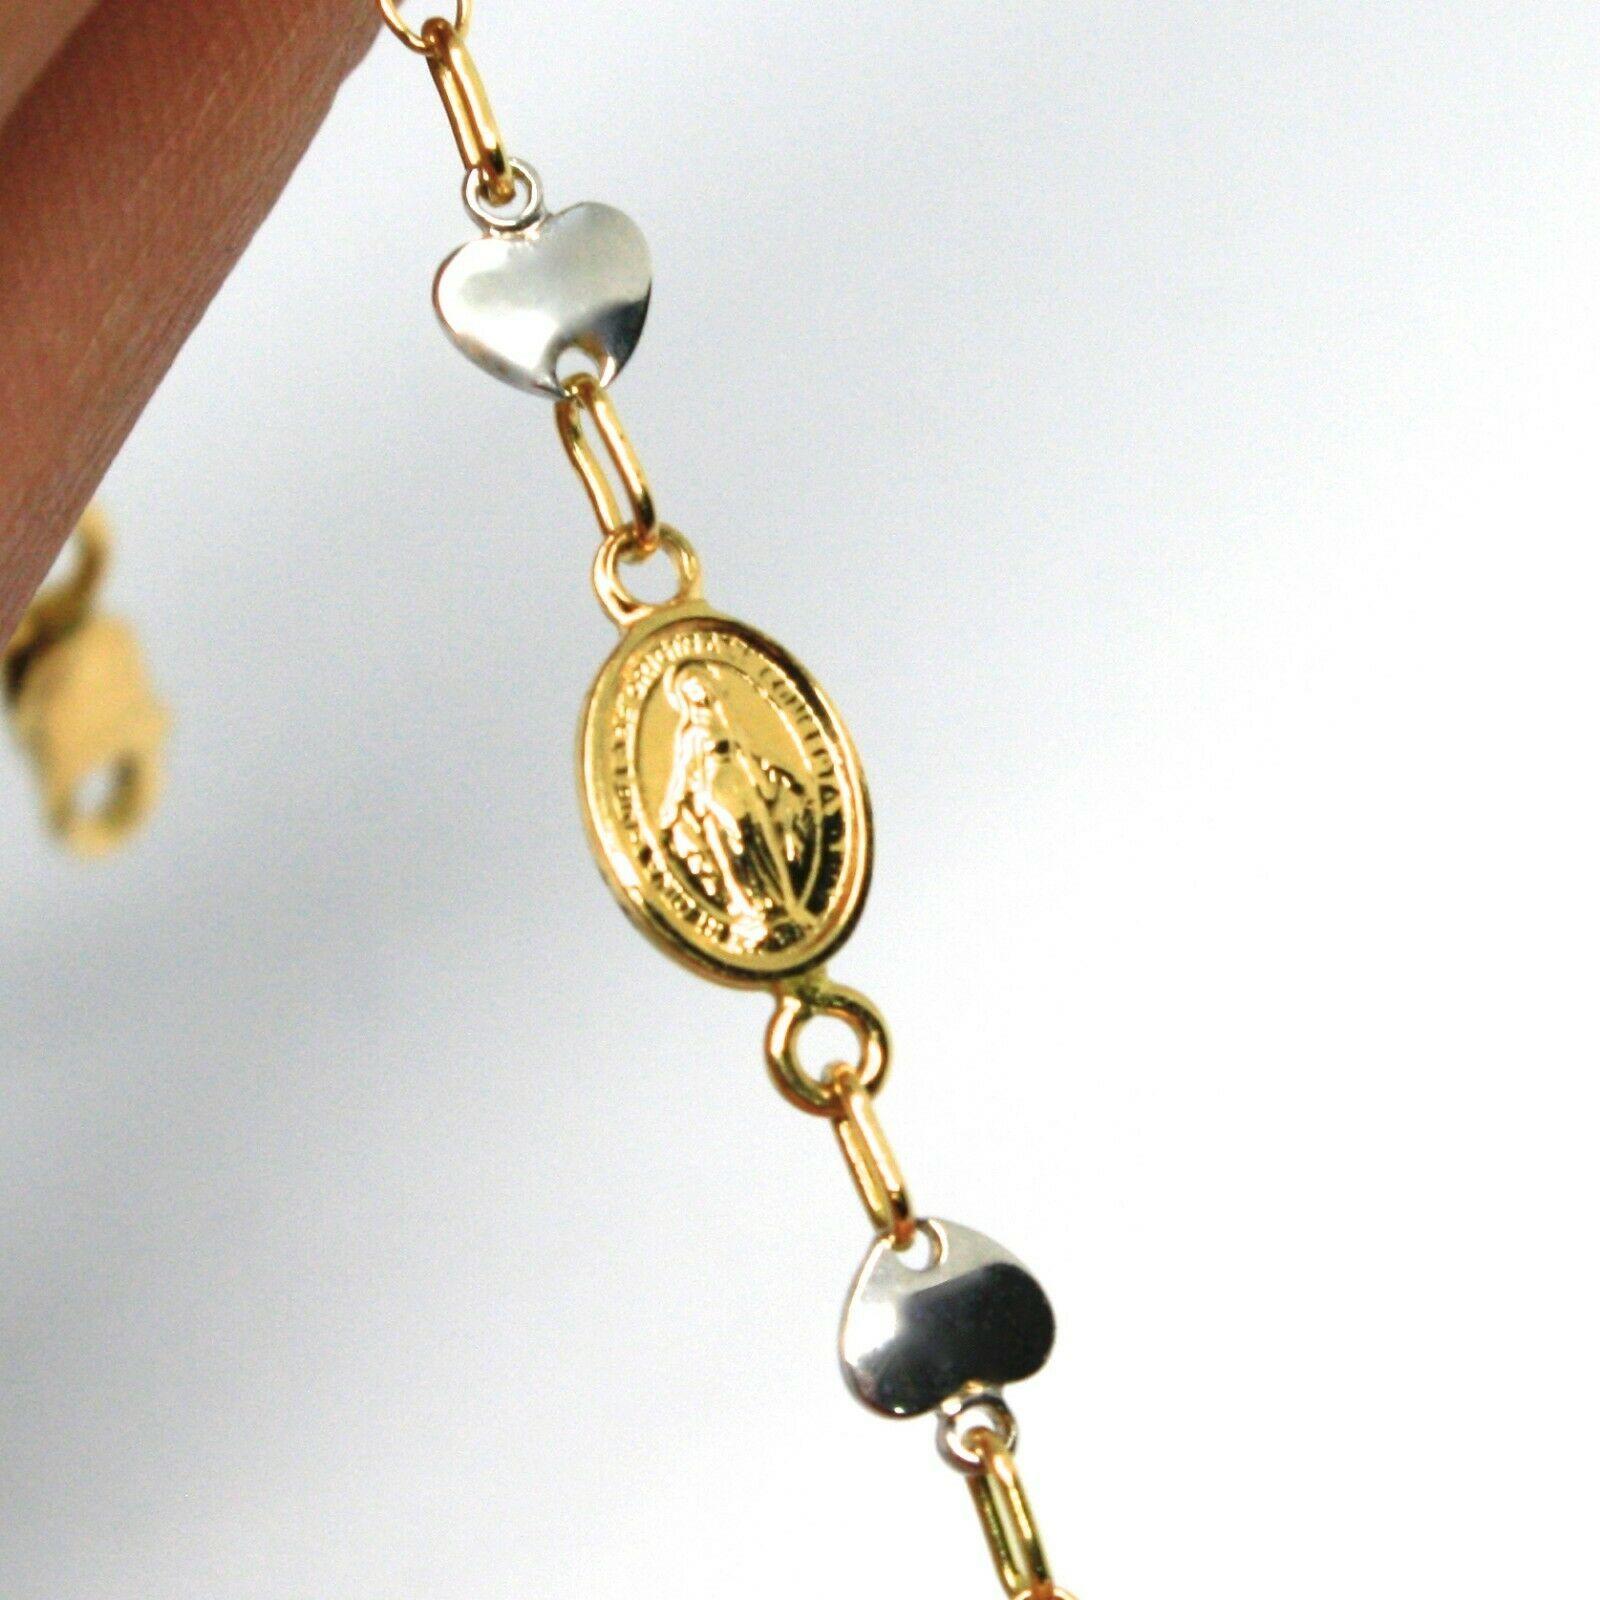 Goldarmband Gelb Weiß 18K 750, Kreuz, Wundertätige Medaille, Herz, 17 CM